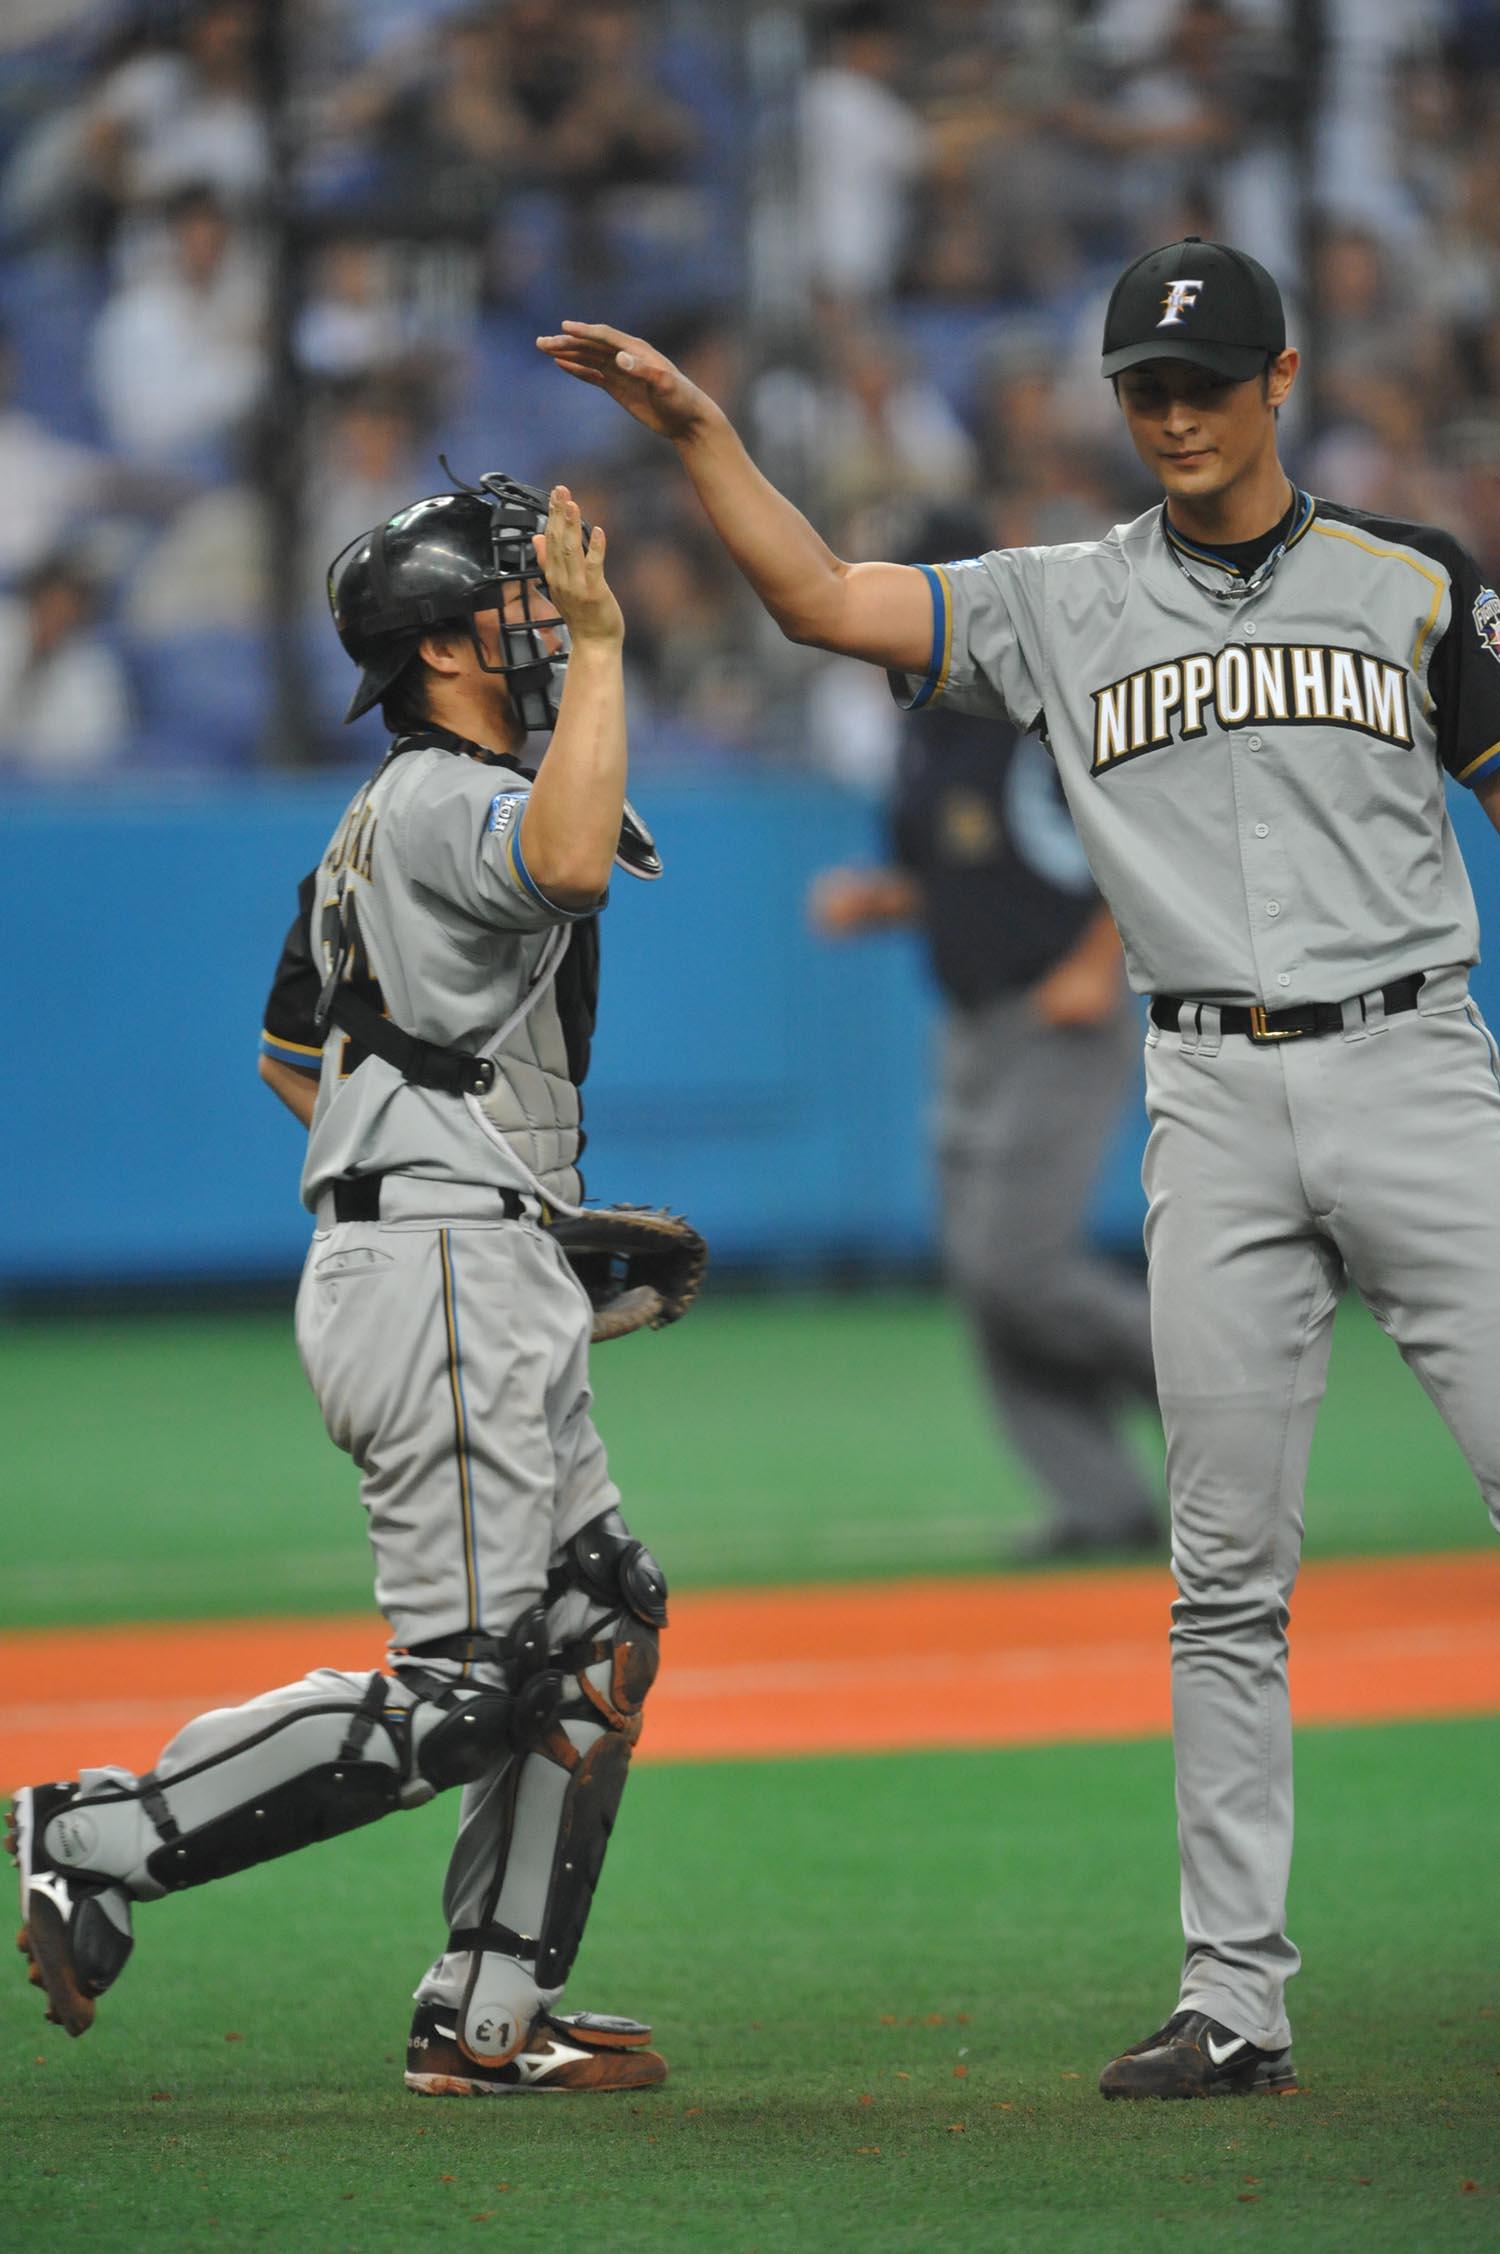 日本ハム・鶴岡慎也に言いそびれていた「おかえりなさい」の ...